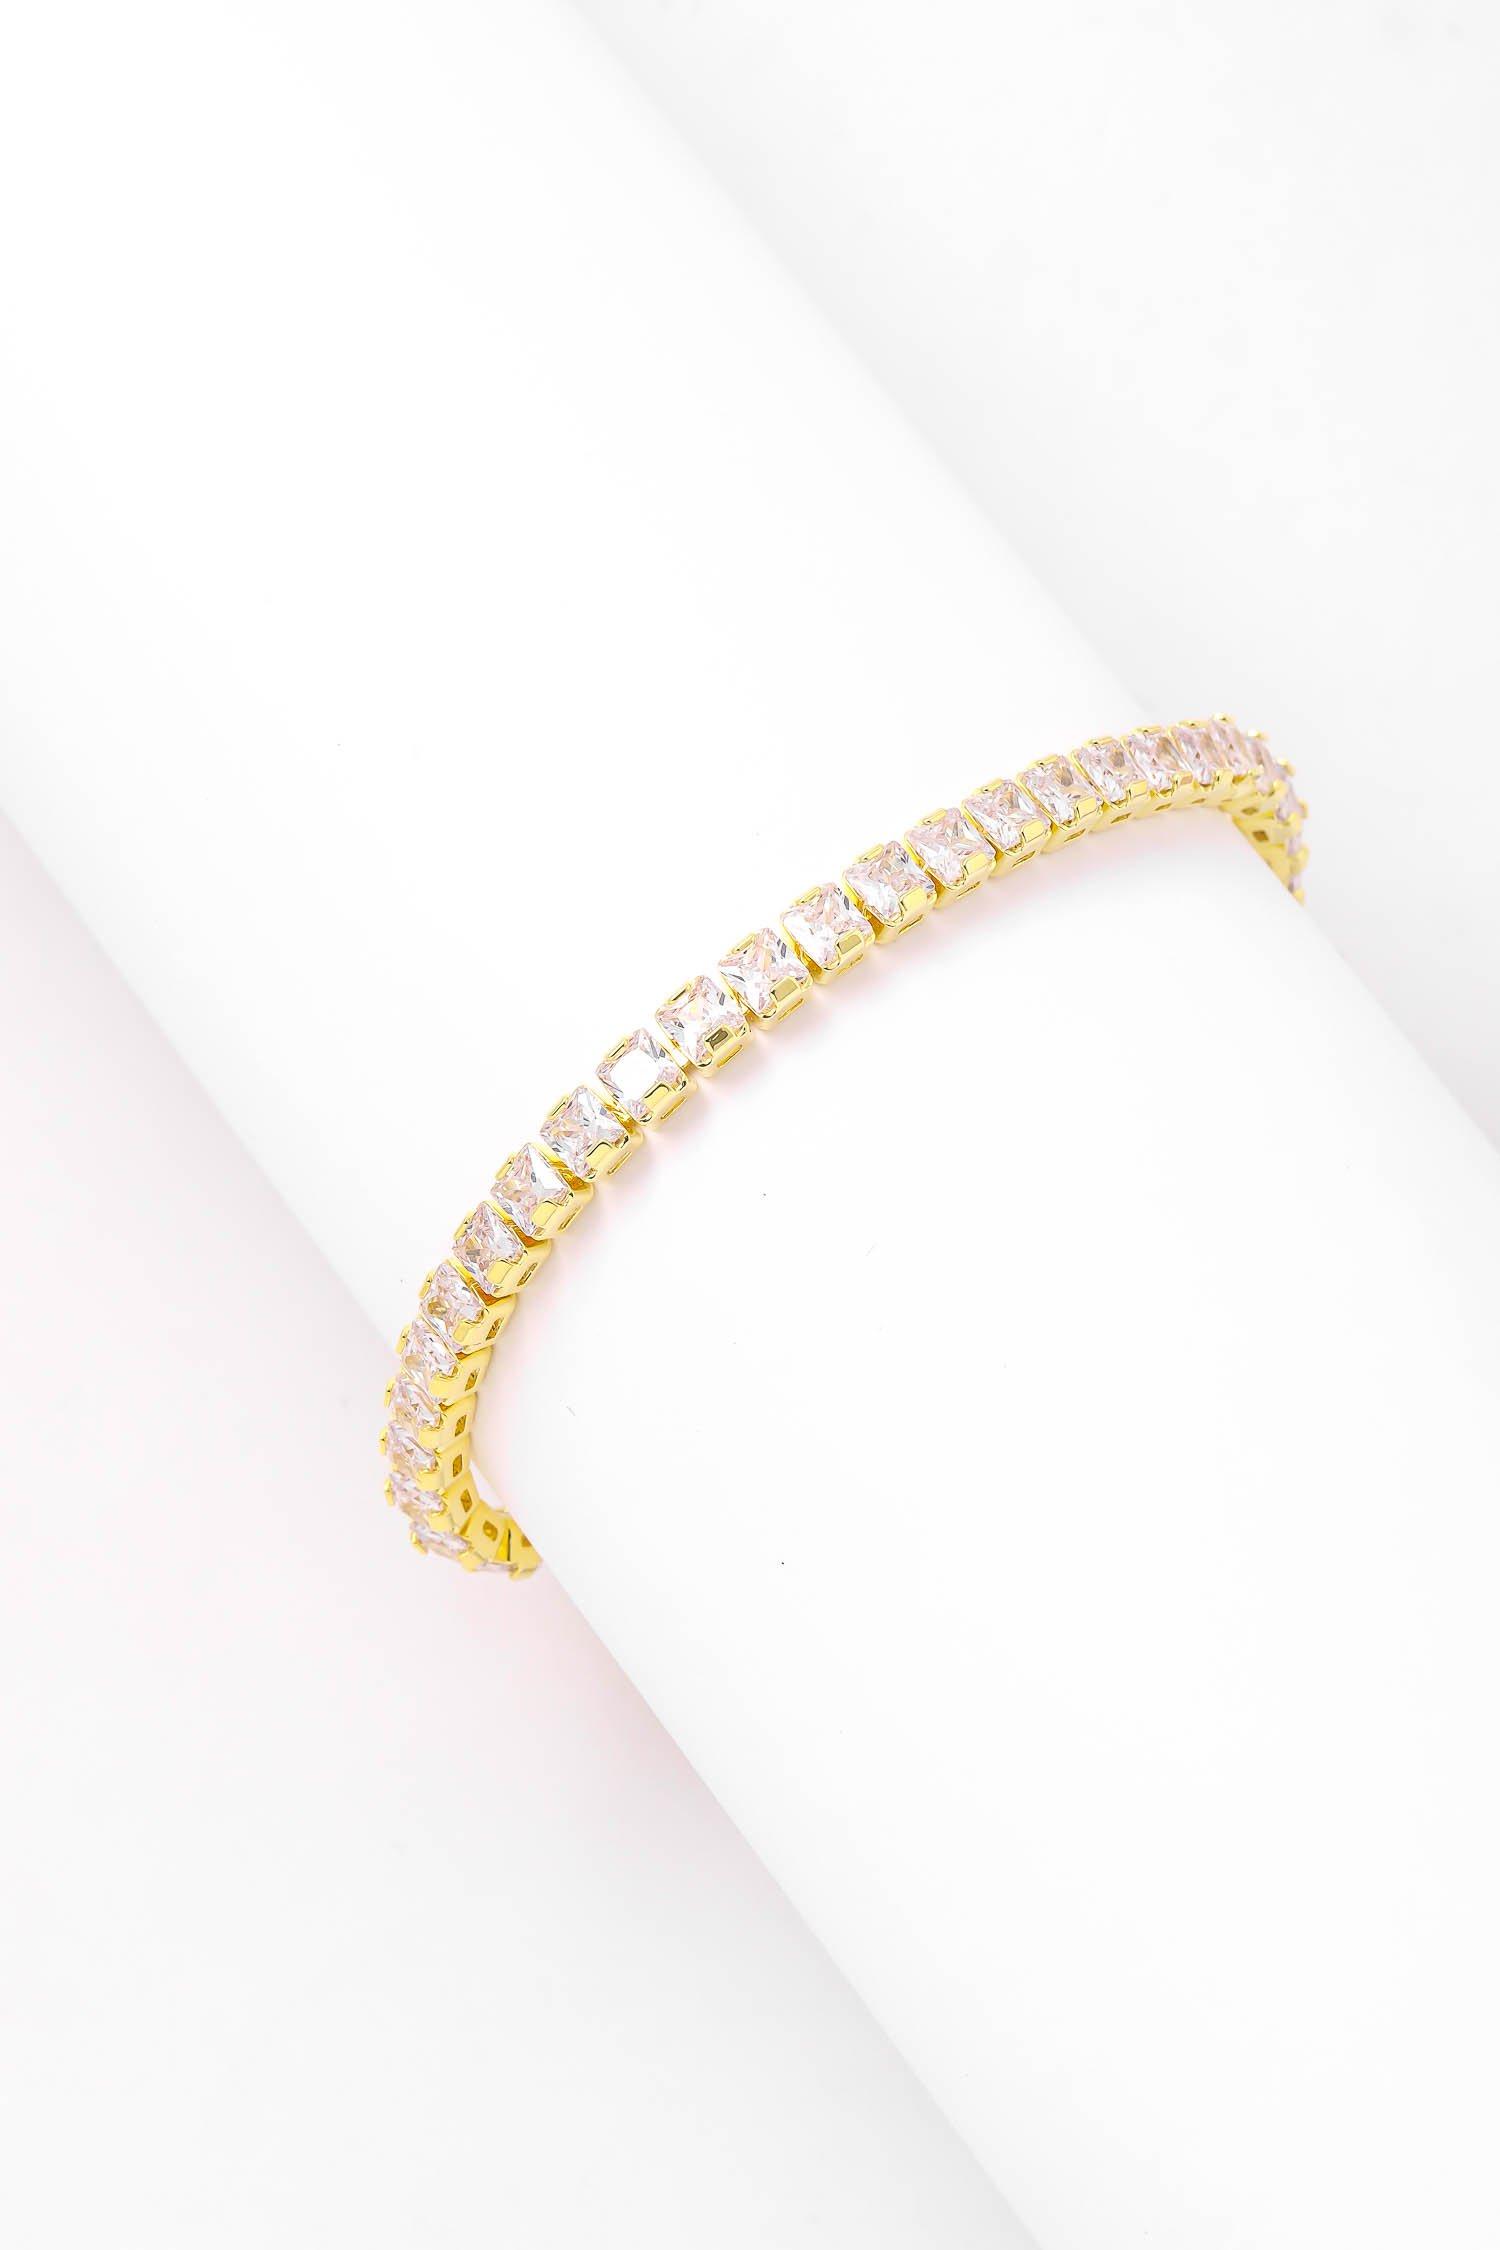 Image of CZ Blingy Bracelet